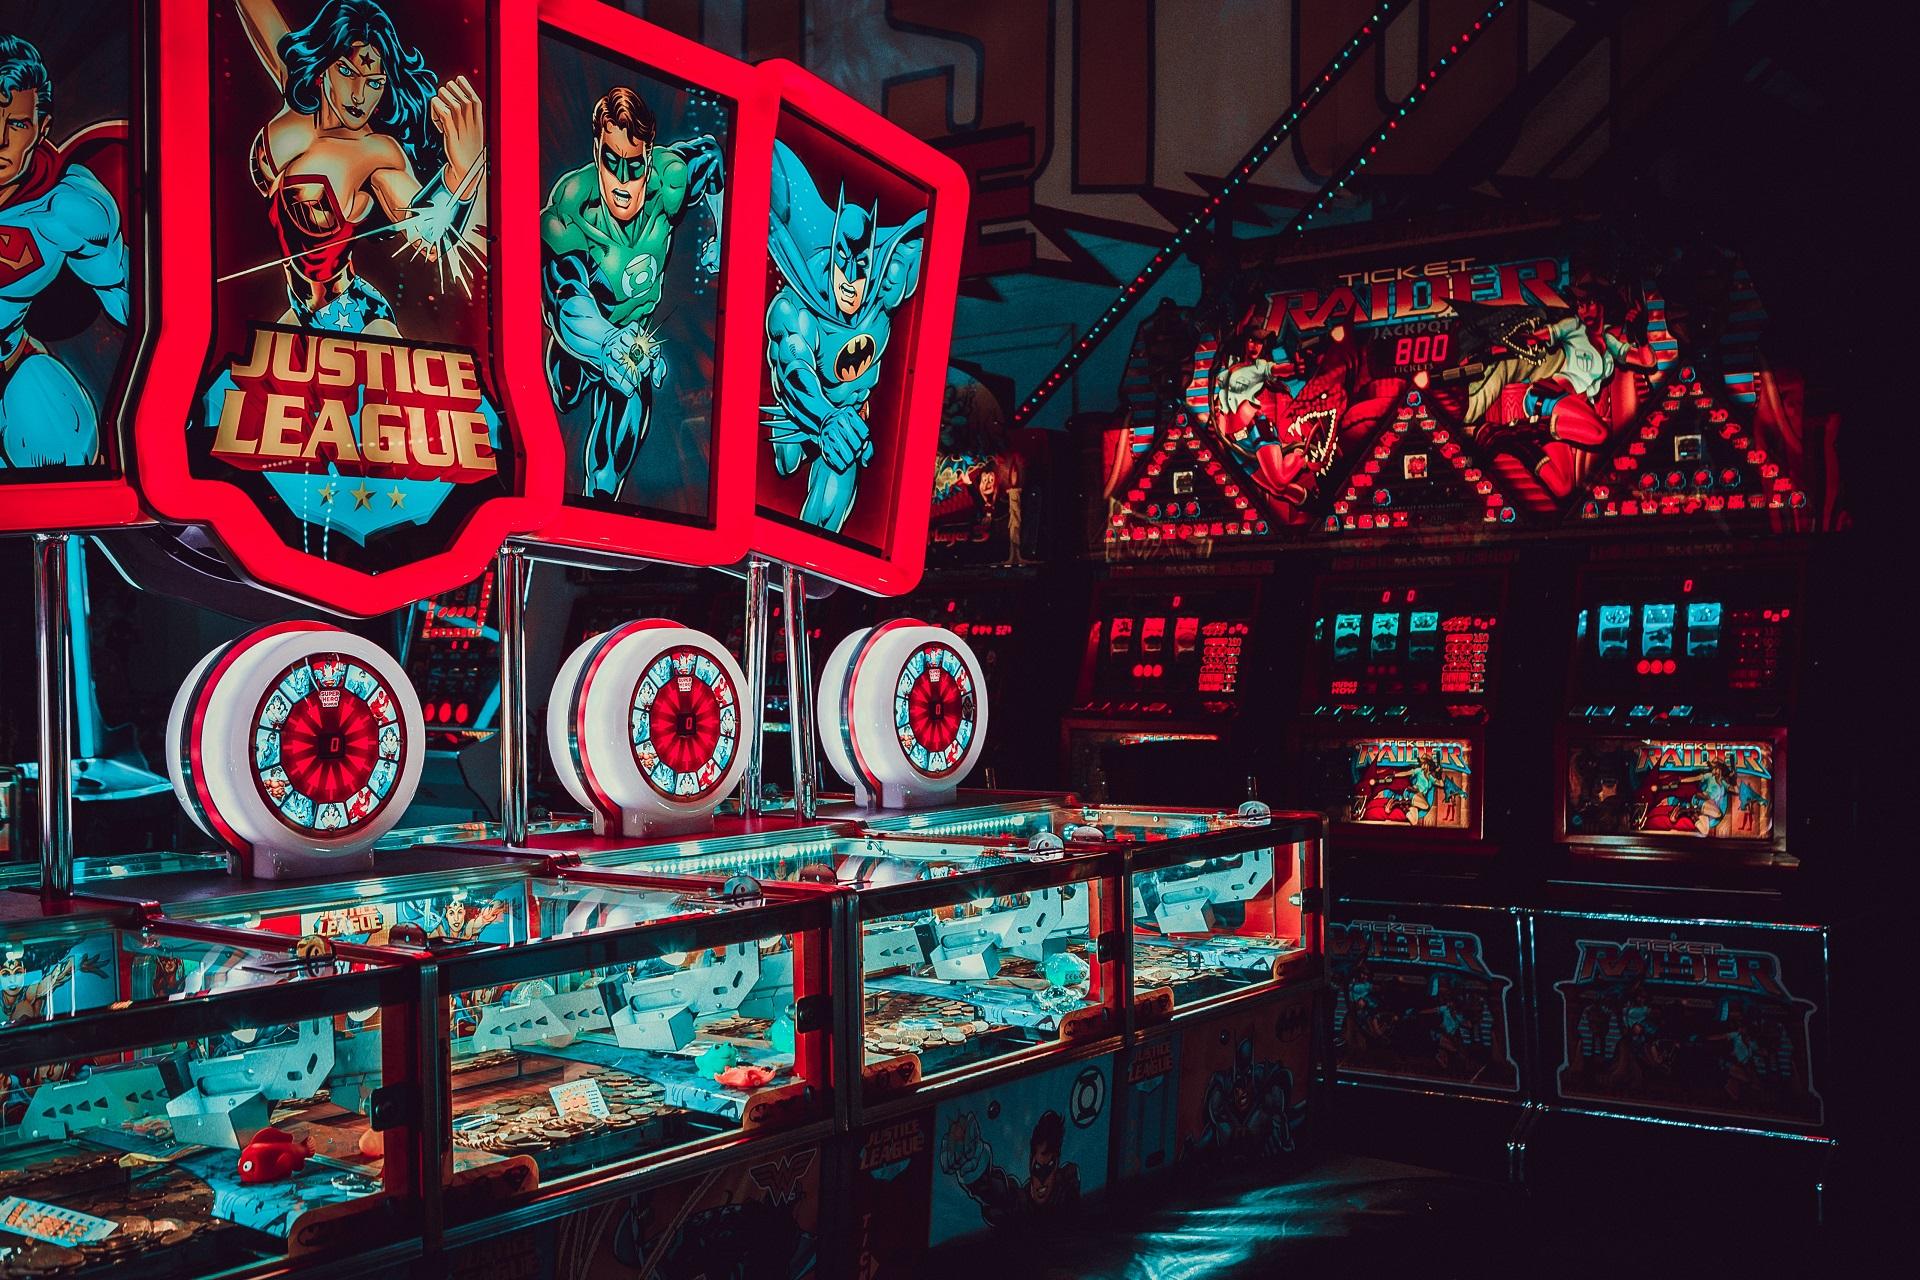 カジノのいくつかのデザインの内部の非常に奇妙な外観